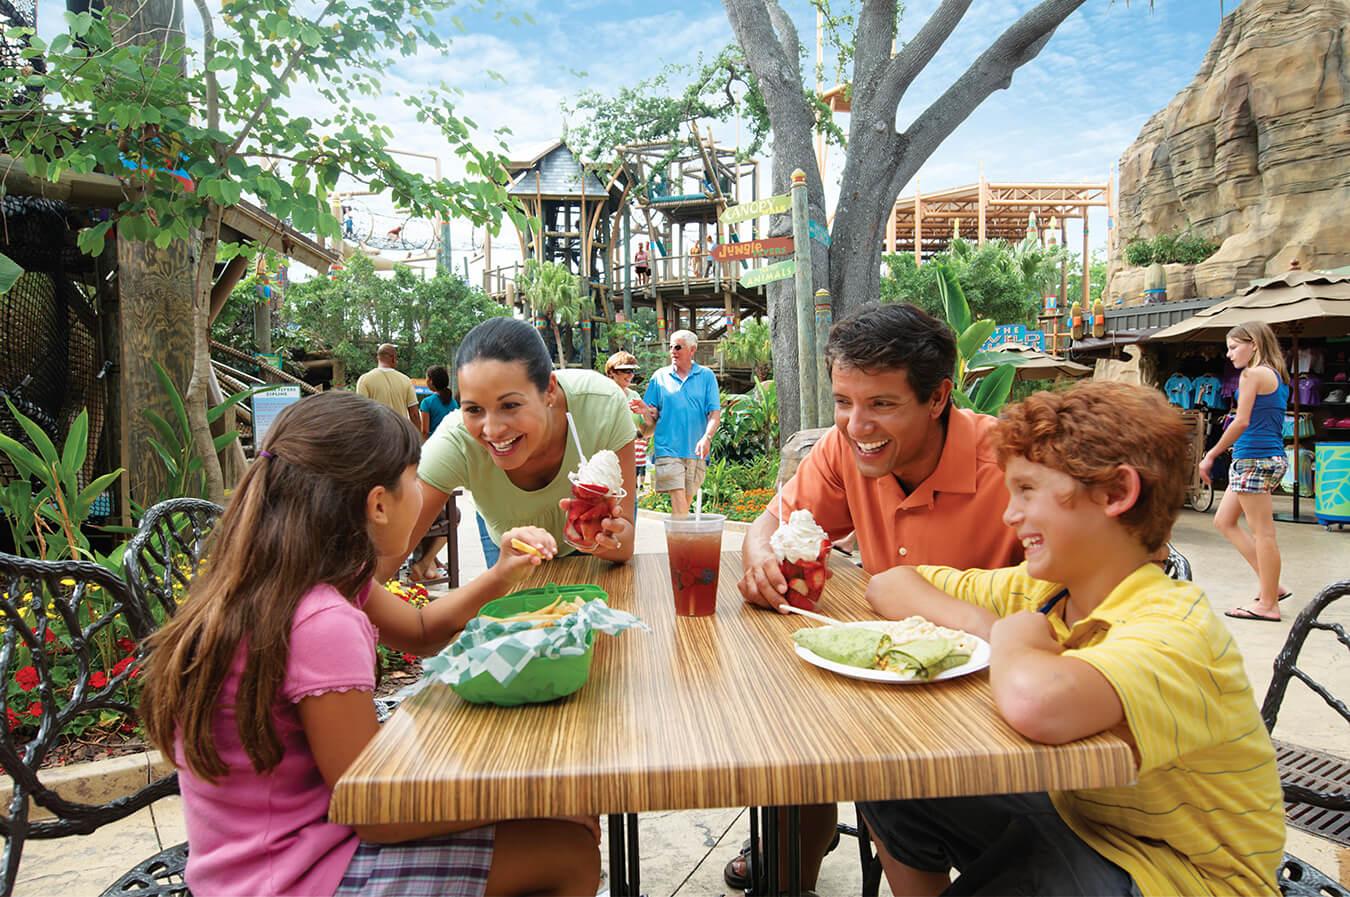 Busch Gardens All Day Dining Pass